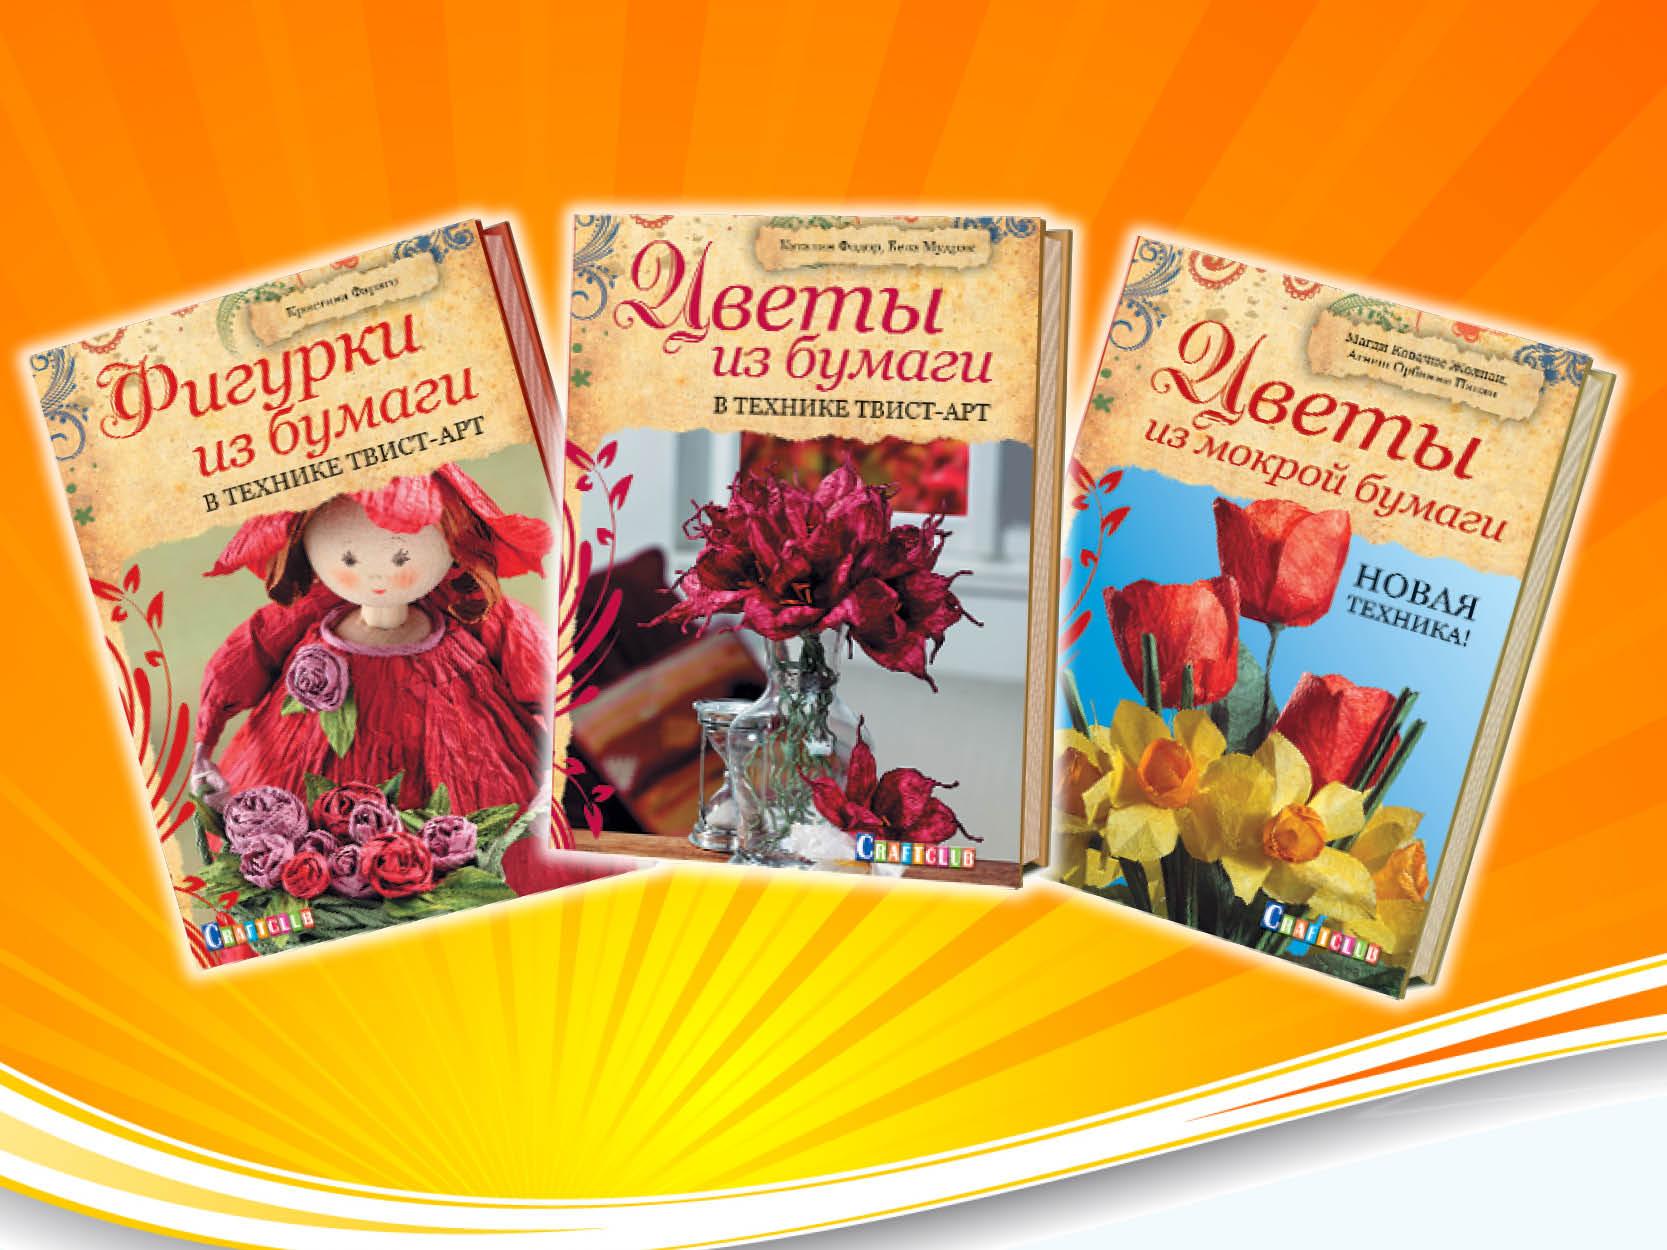 Цветы из бумаги (комплект из 3 книг)